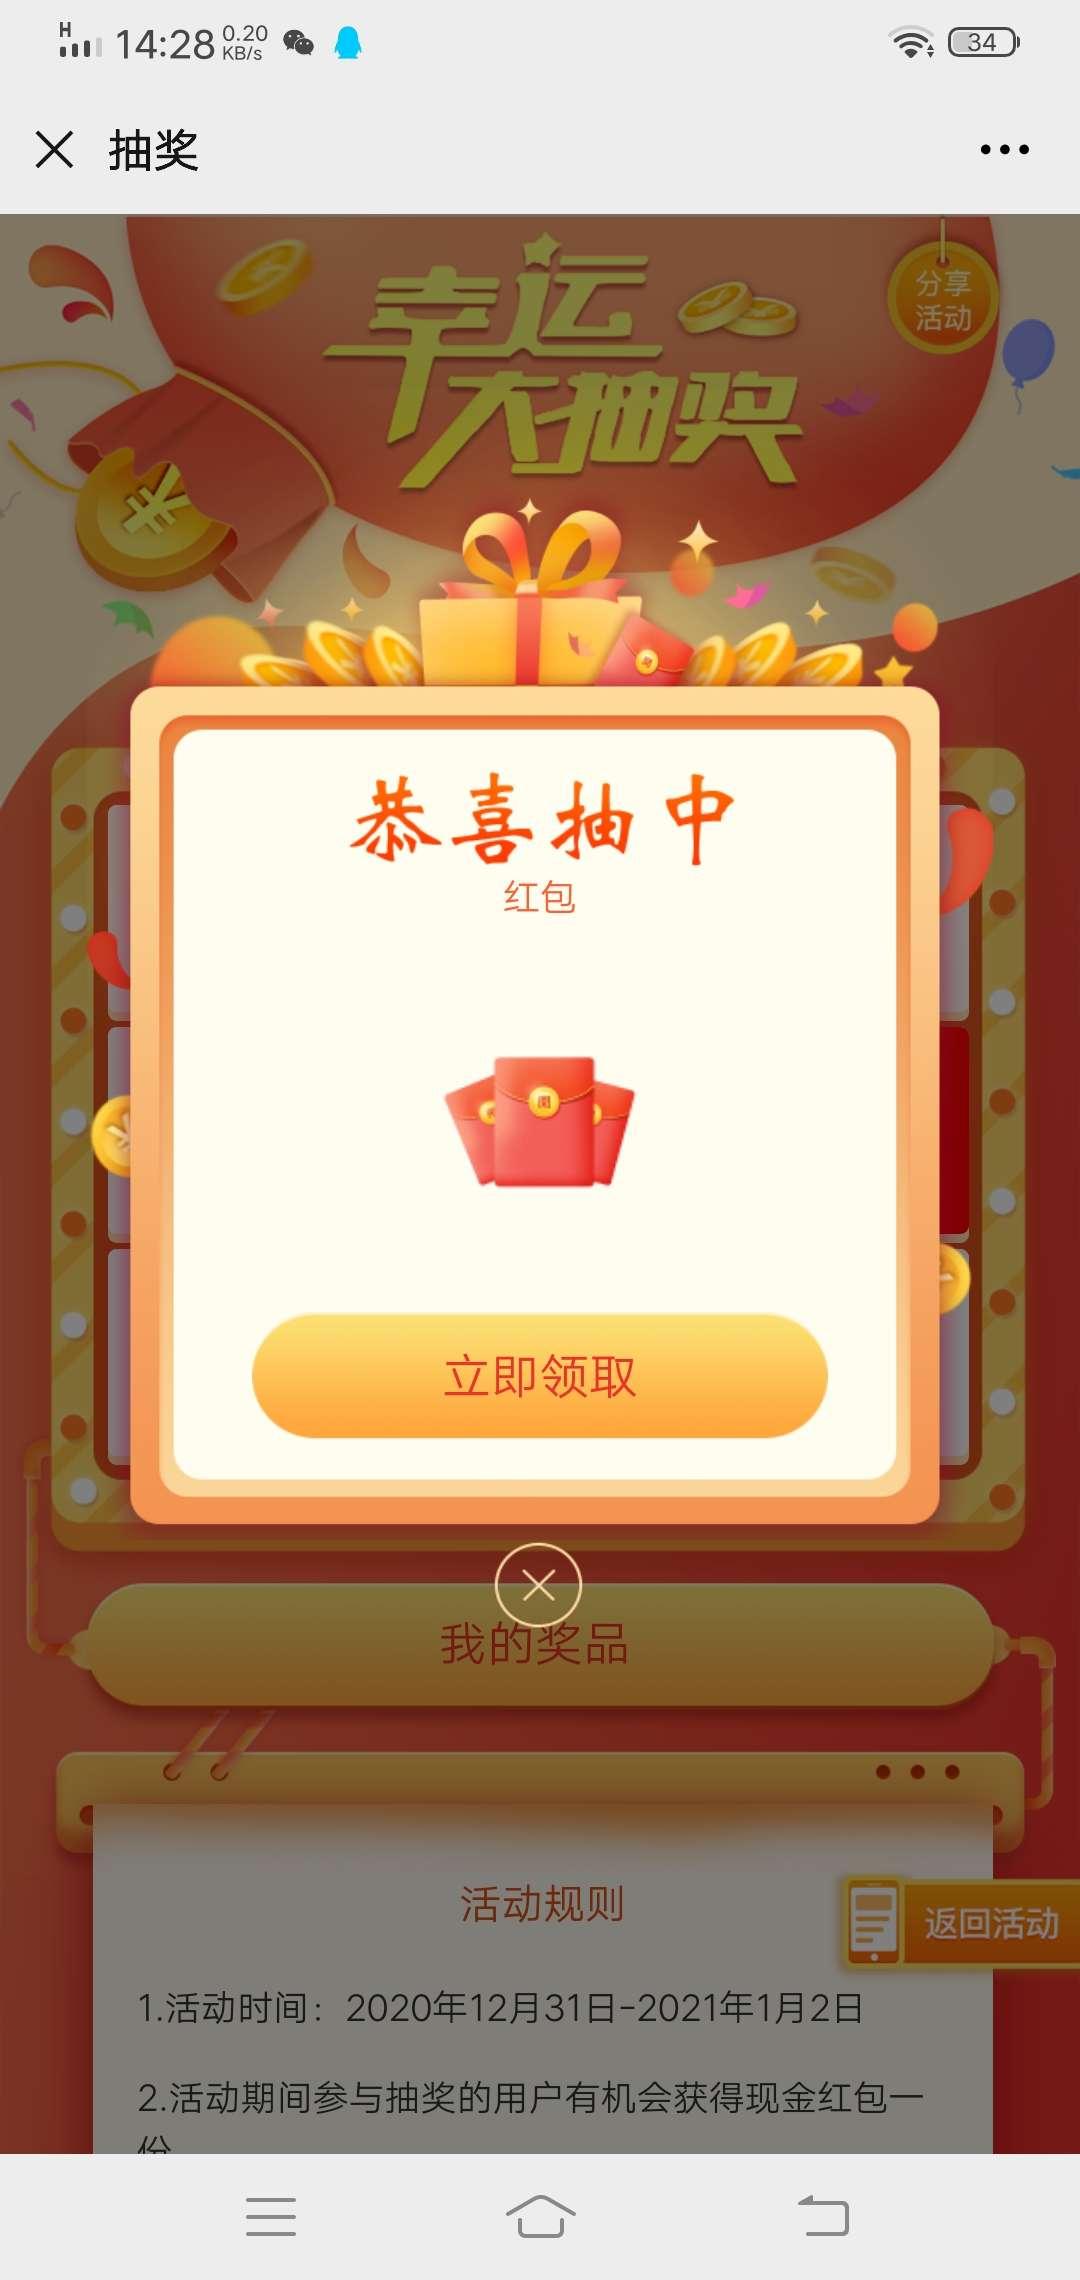 江苏省私个协会新年红包大放送插图2